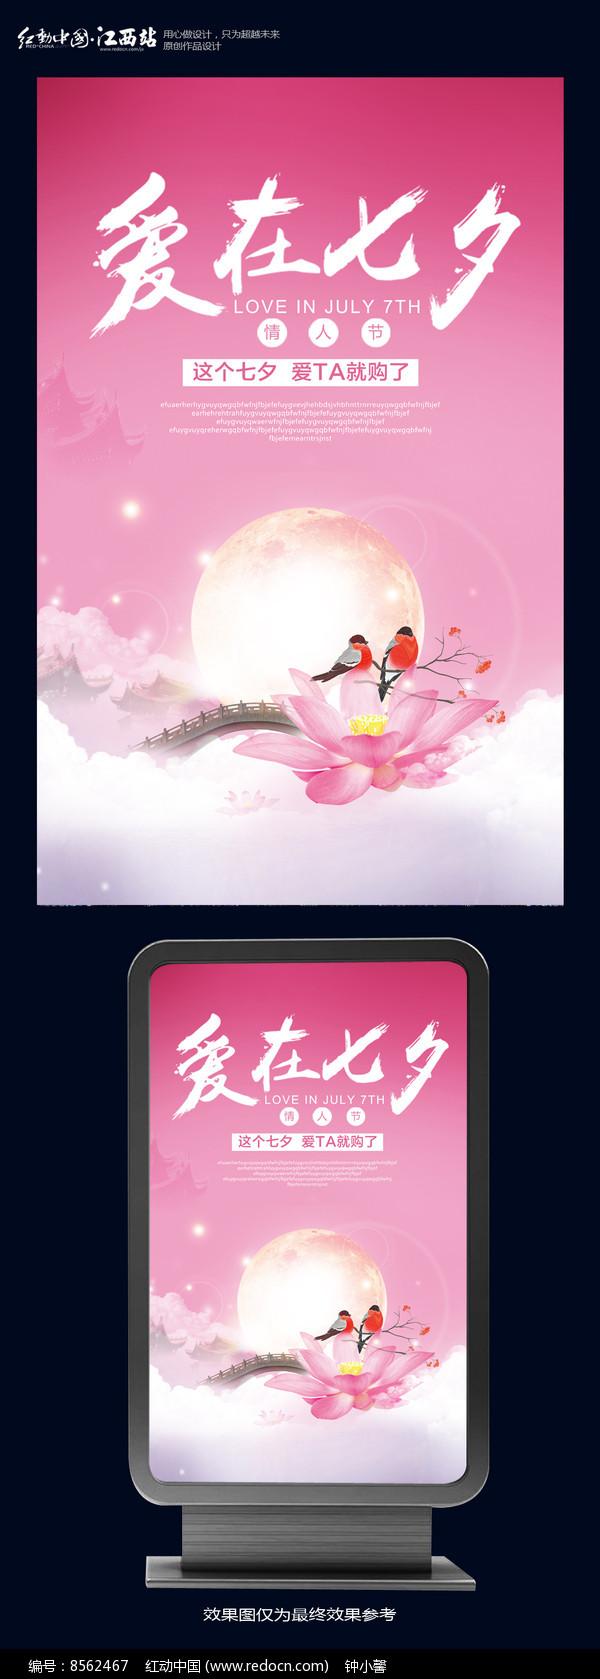 简约爱在七夕海报设计图片